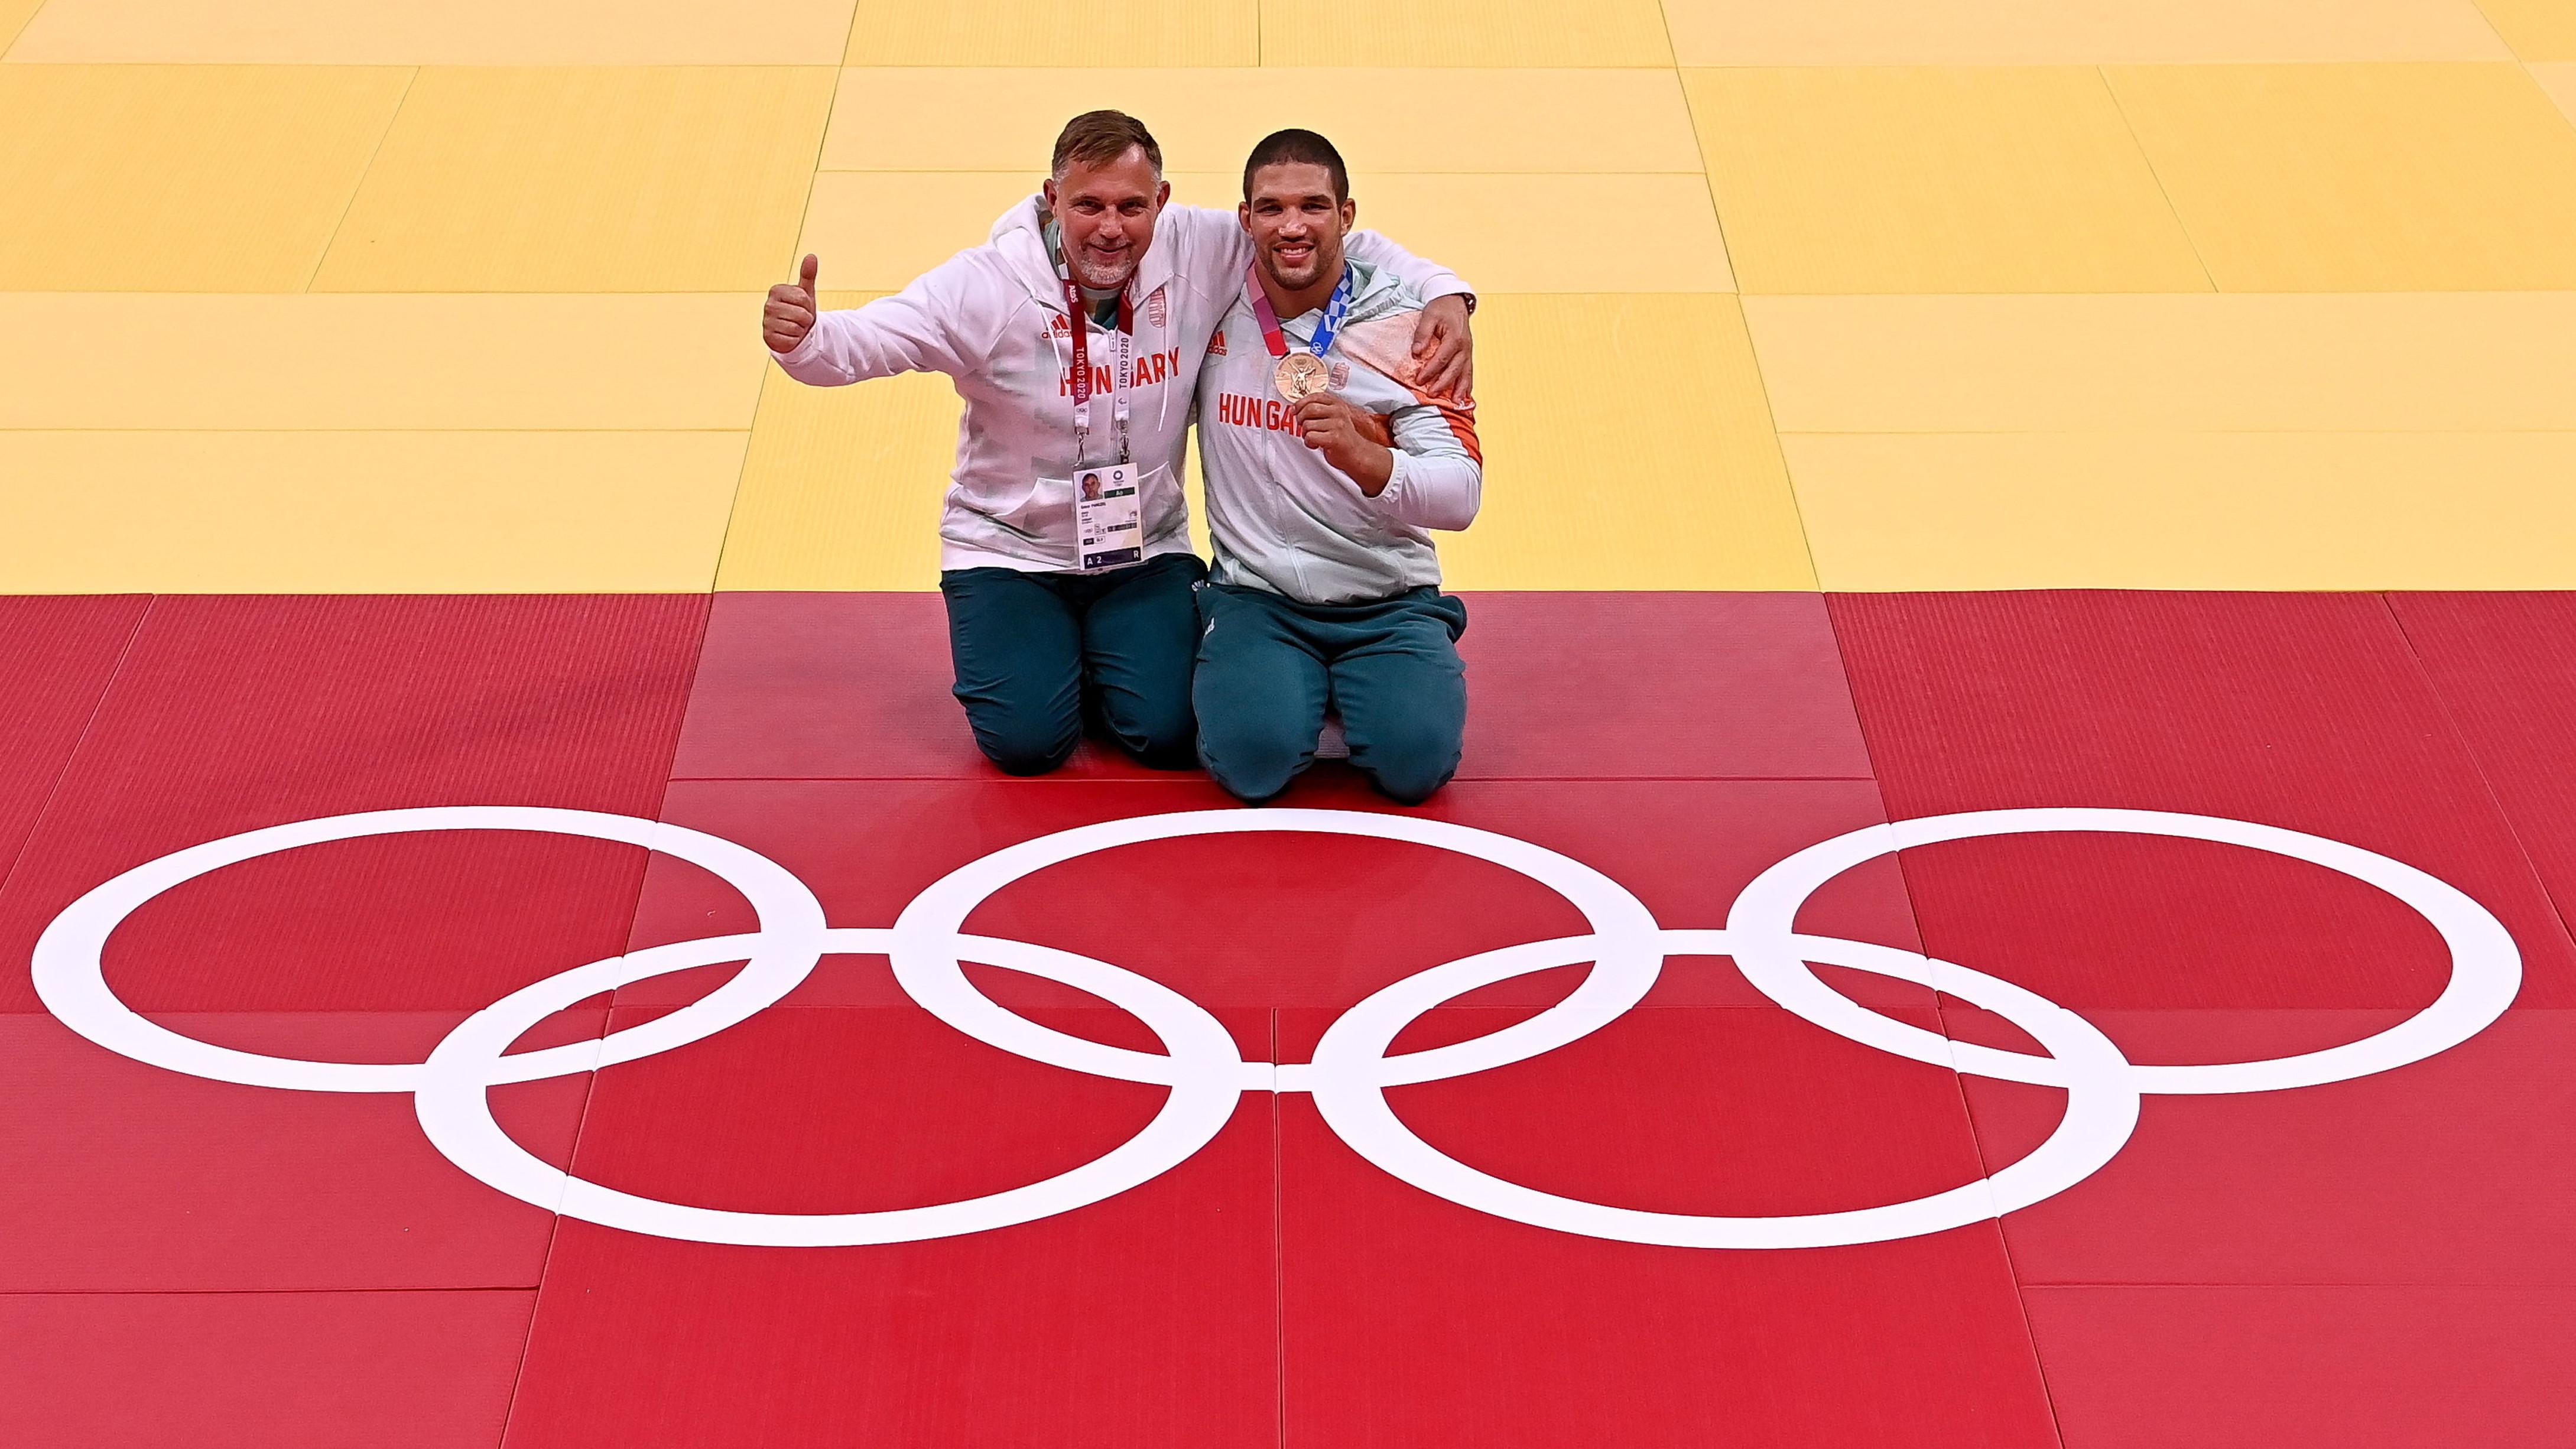 9 év után olimpiai érem cselgáncsban